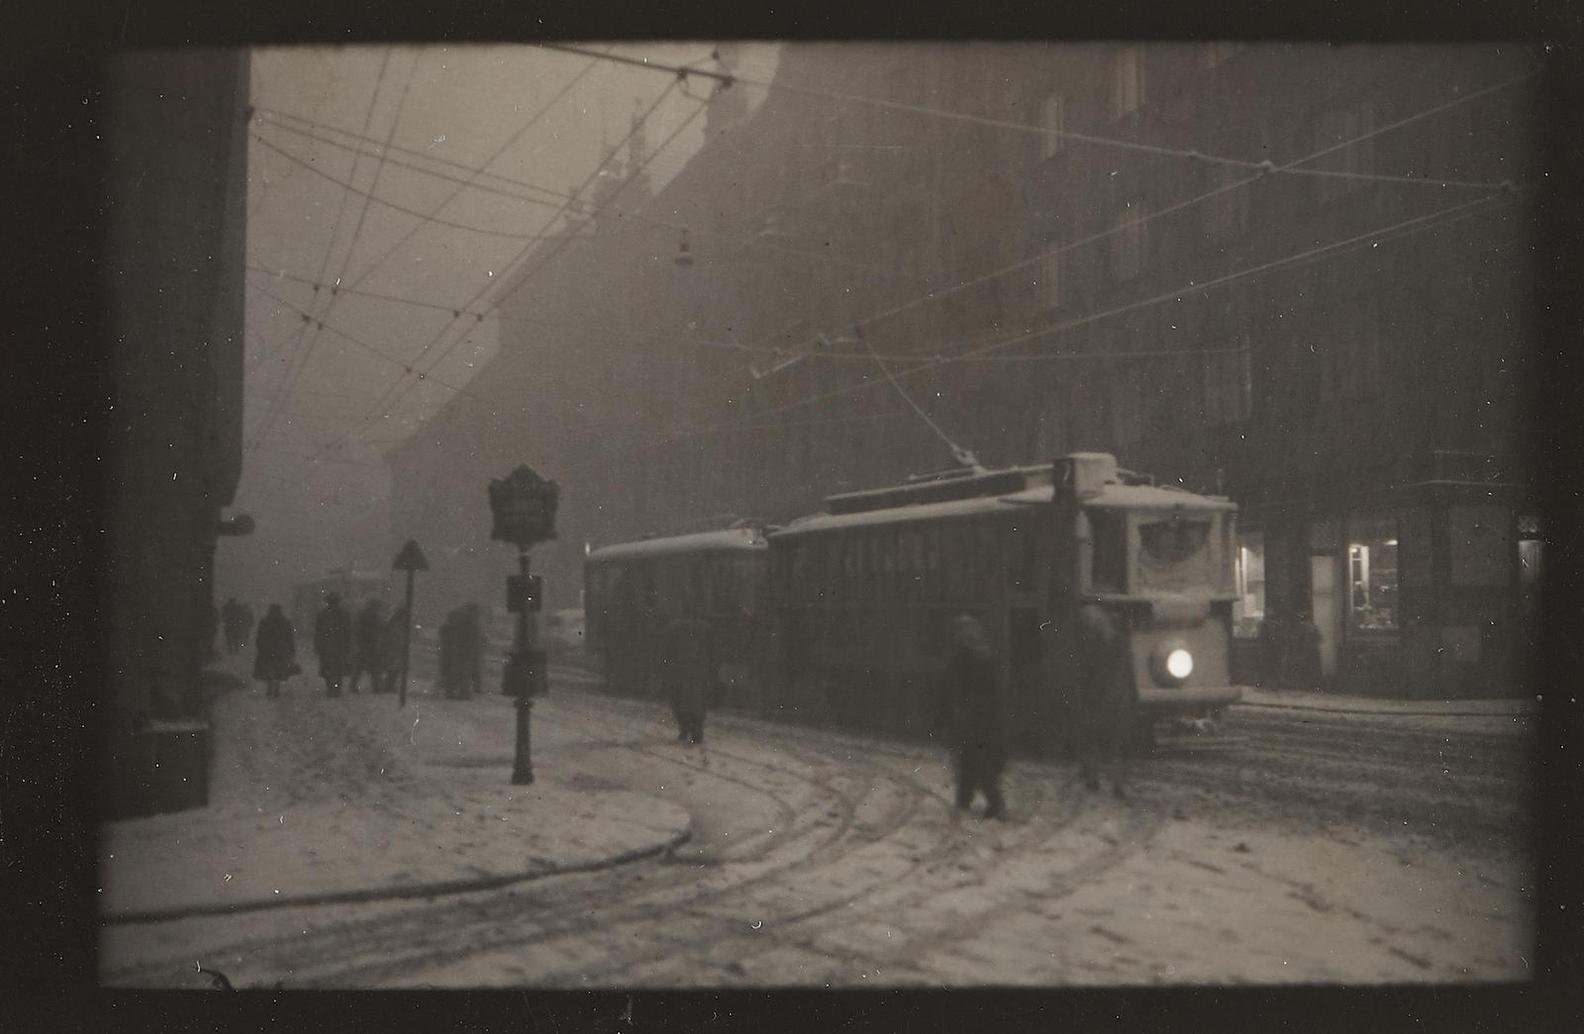 Josef Sudek-Streetcar In Snow, Prague-